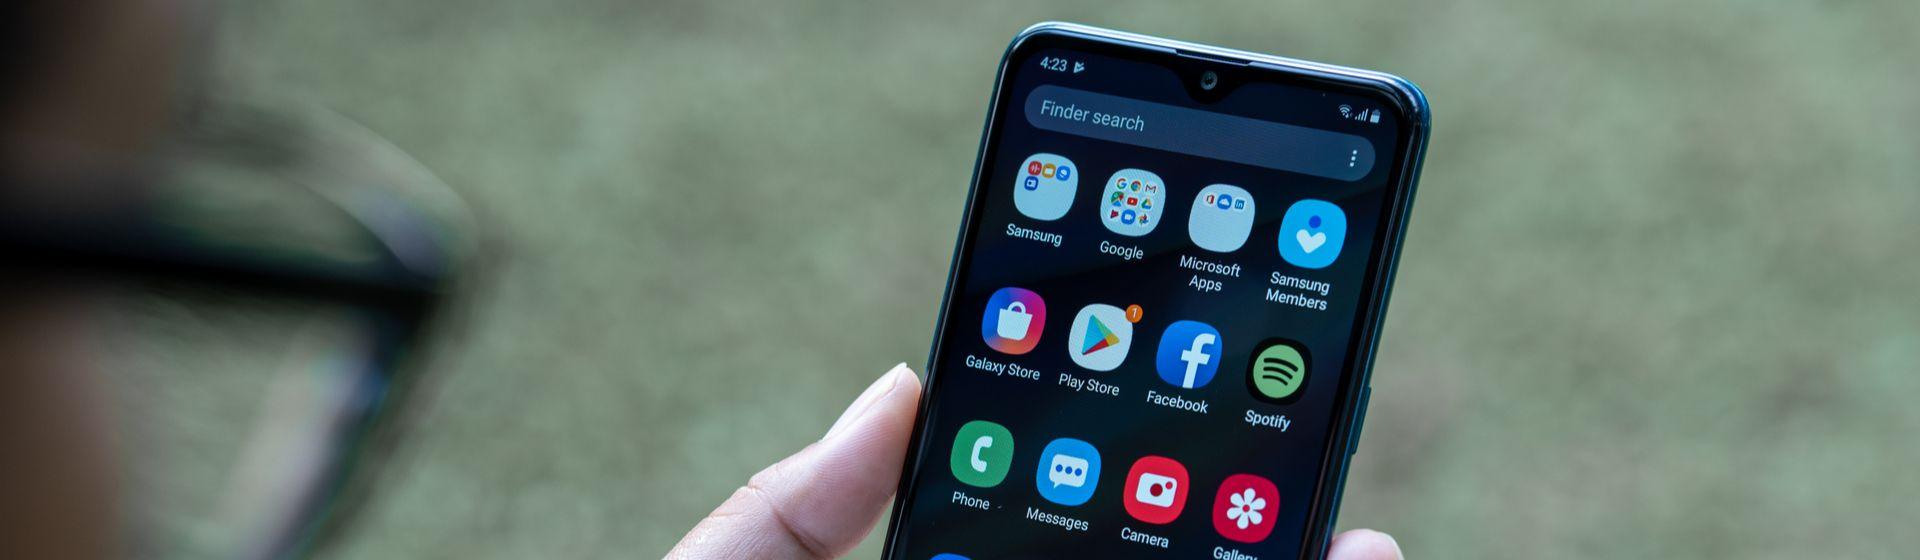 Celular até 1000: 5 smartphones para comprar em 2020